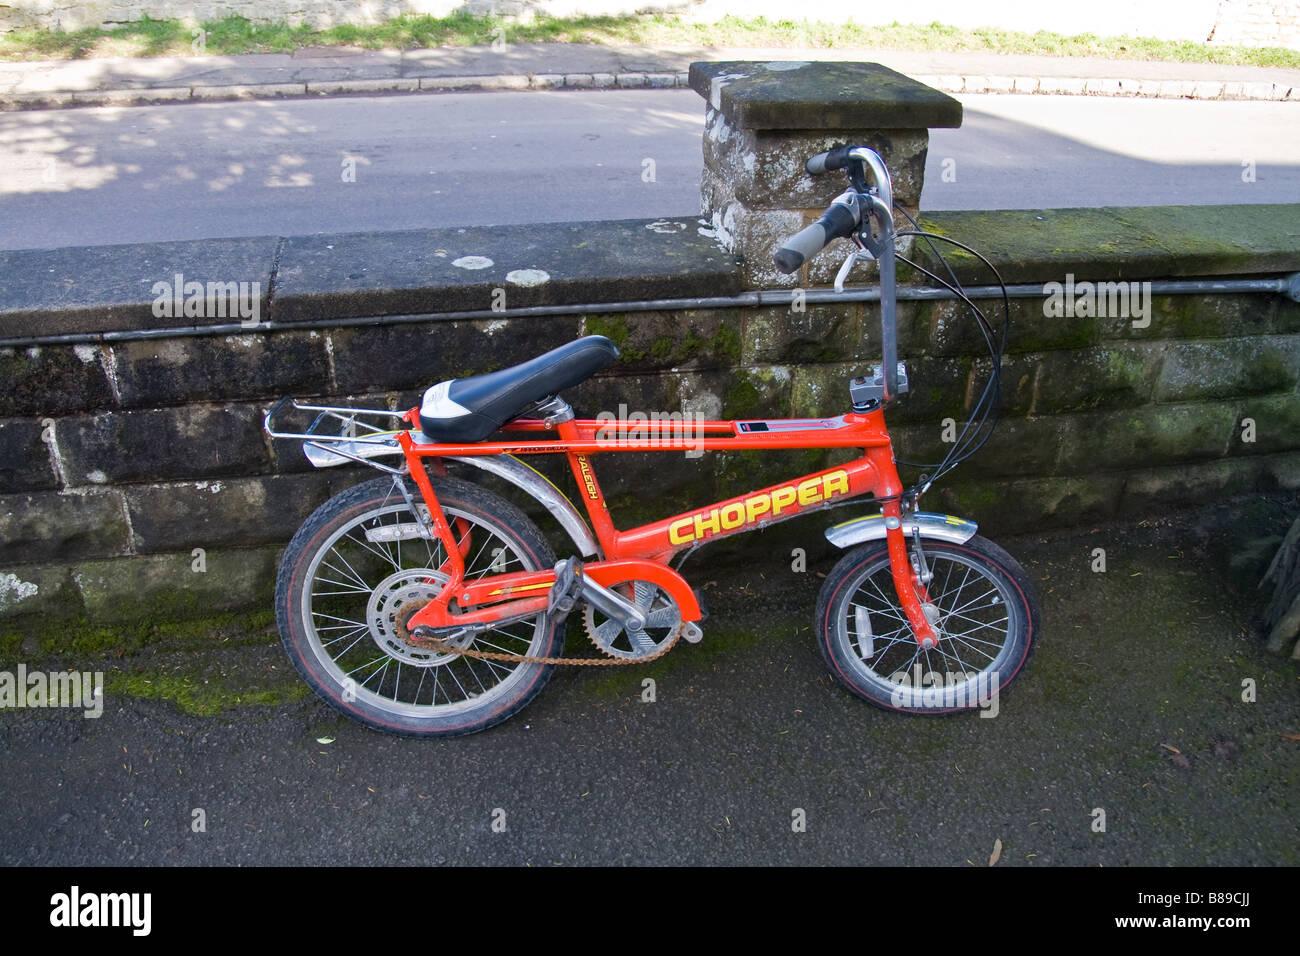 Una reproducción de una moto clásica, hecha por uno de los mayores productores de bicicletas en inglés Imagen De Stock